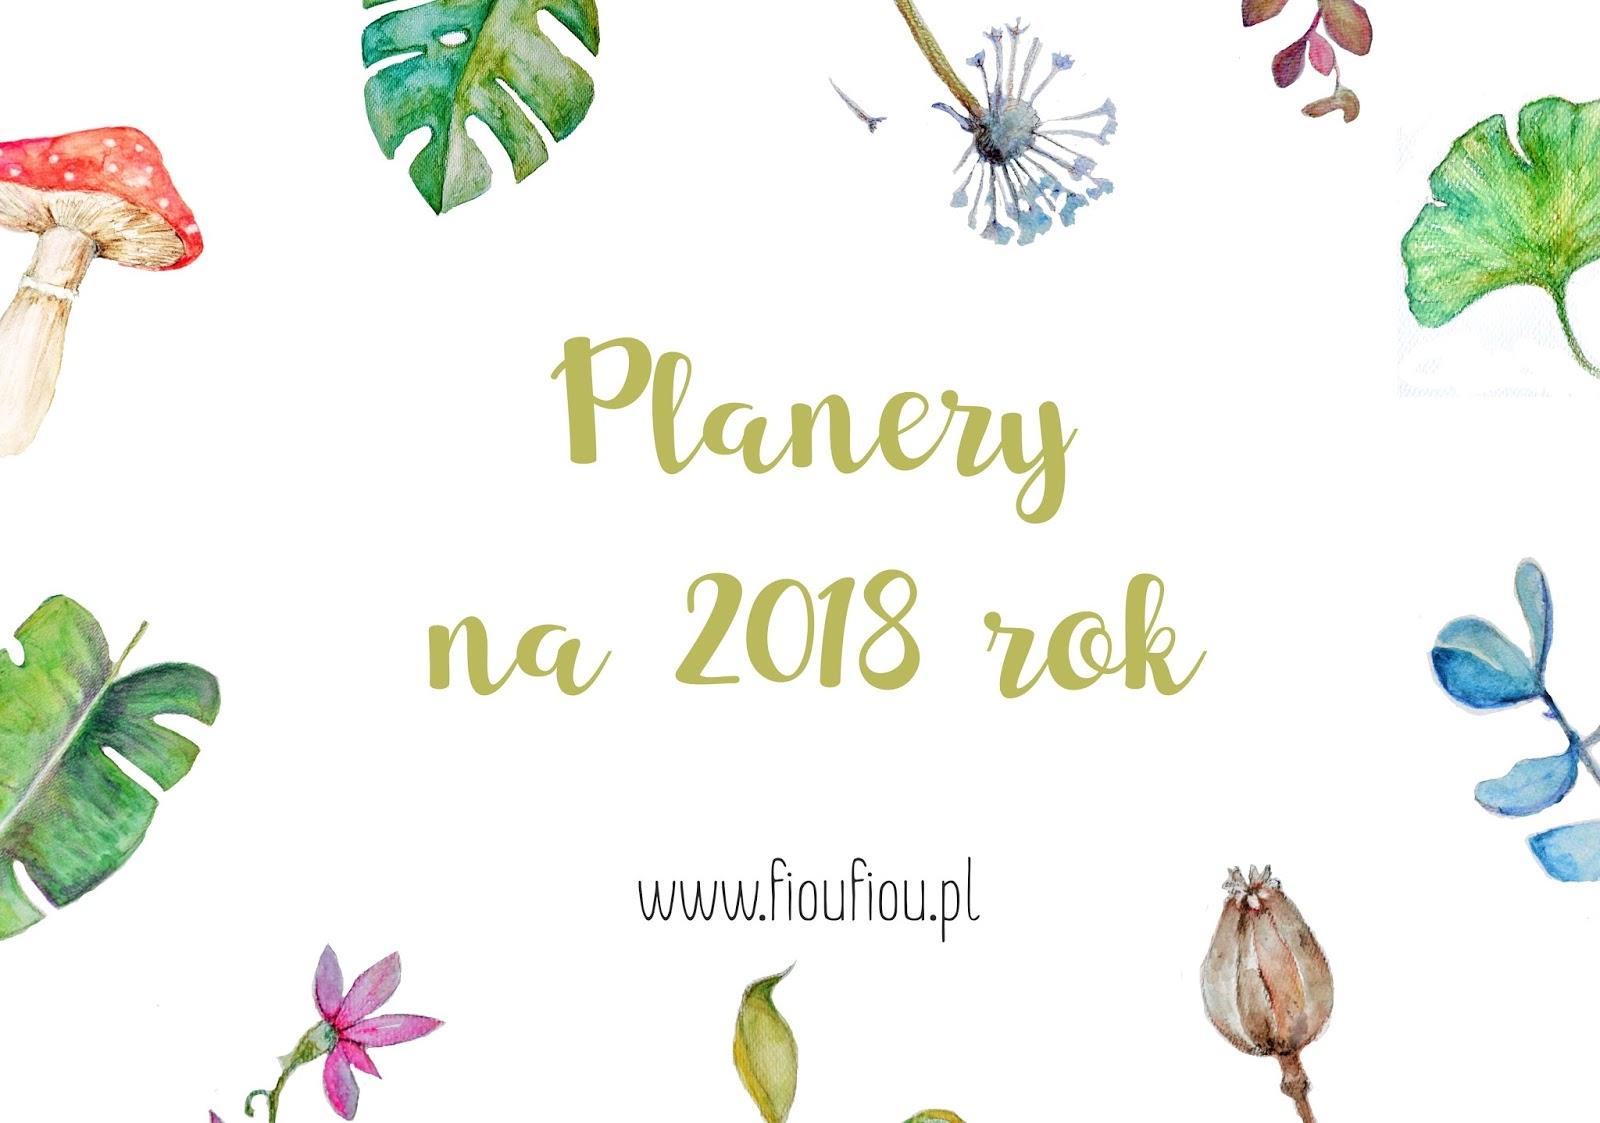 PLANERY NA 2018 ROK